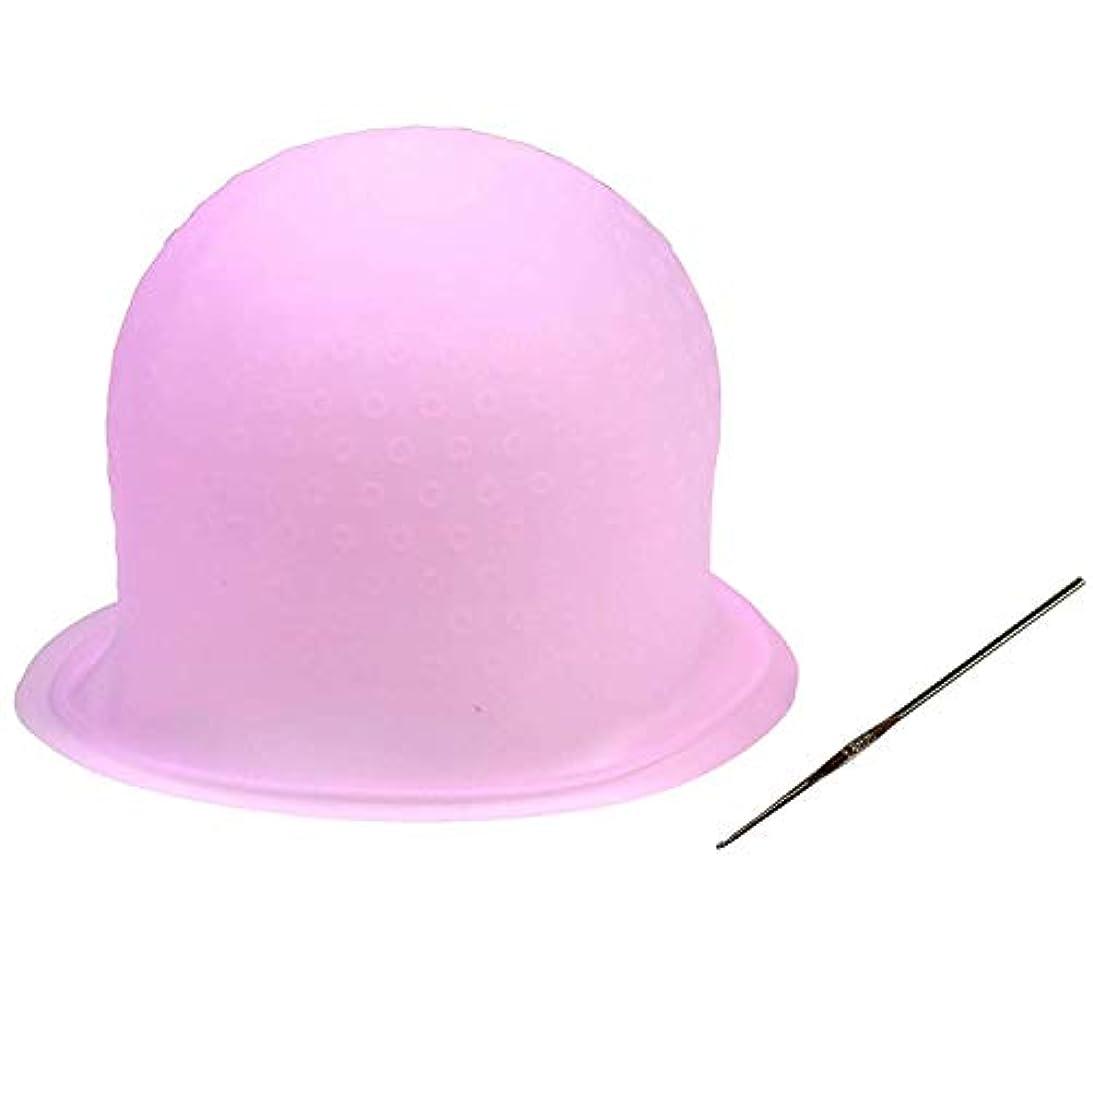 極小北極圏上下する毛染めキャップ 洗って使える ヘアカラー メッシュ シリコン ヘア キャップ(かぎ針付き) 再利用可能 染め専用 ボンネット 部分染め 自宅 DIY (ピンク)